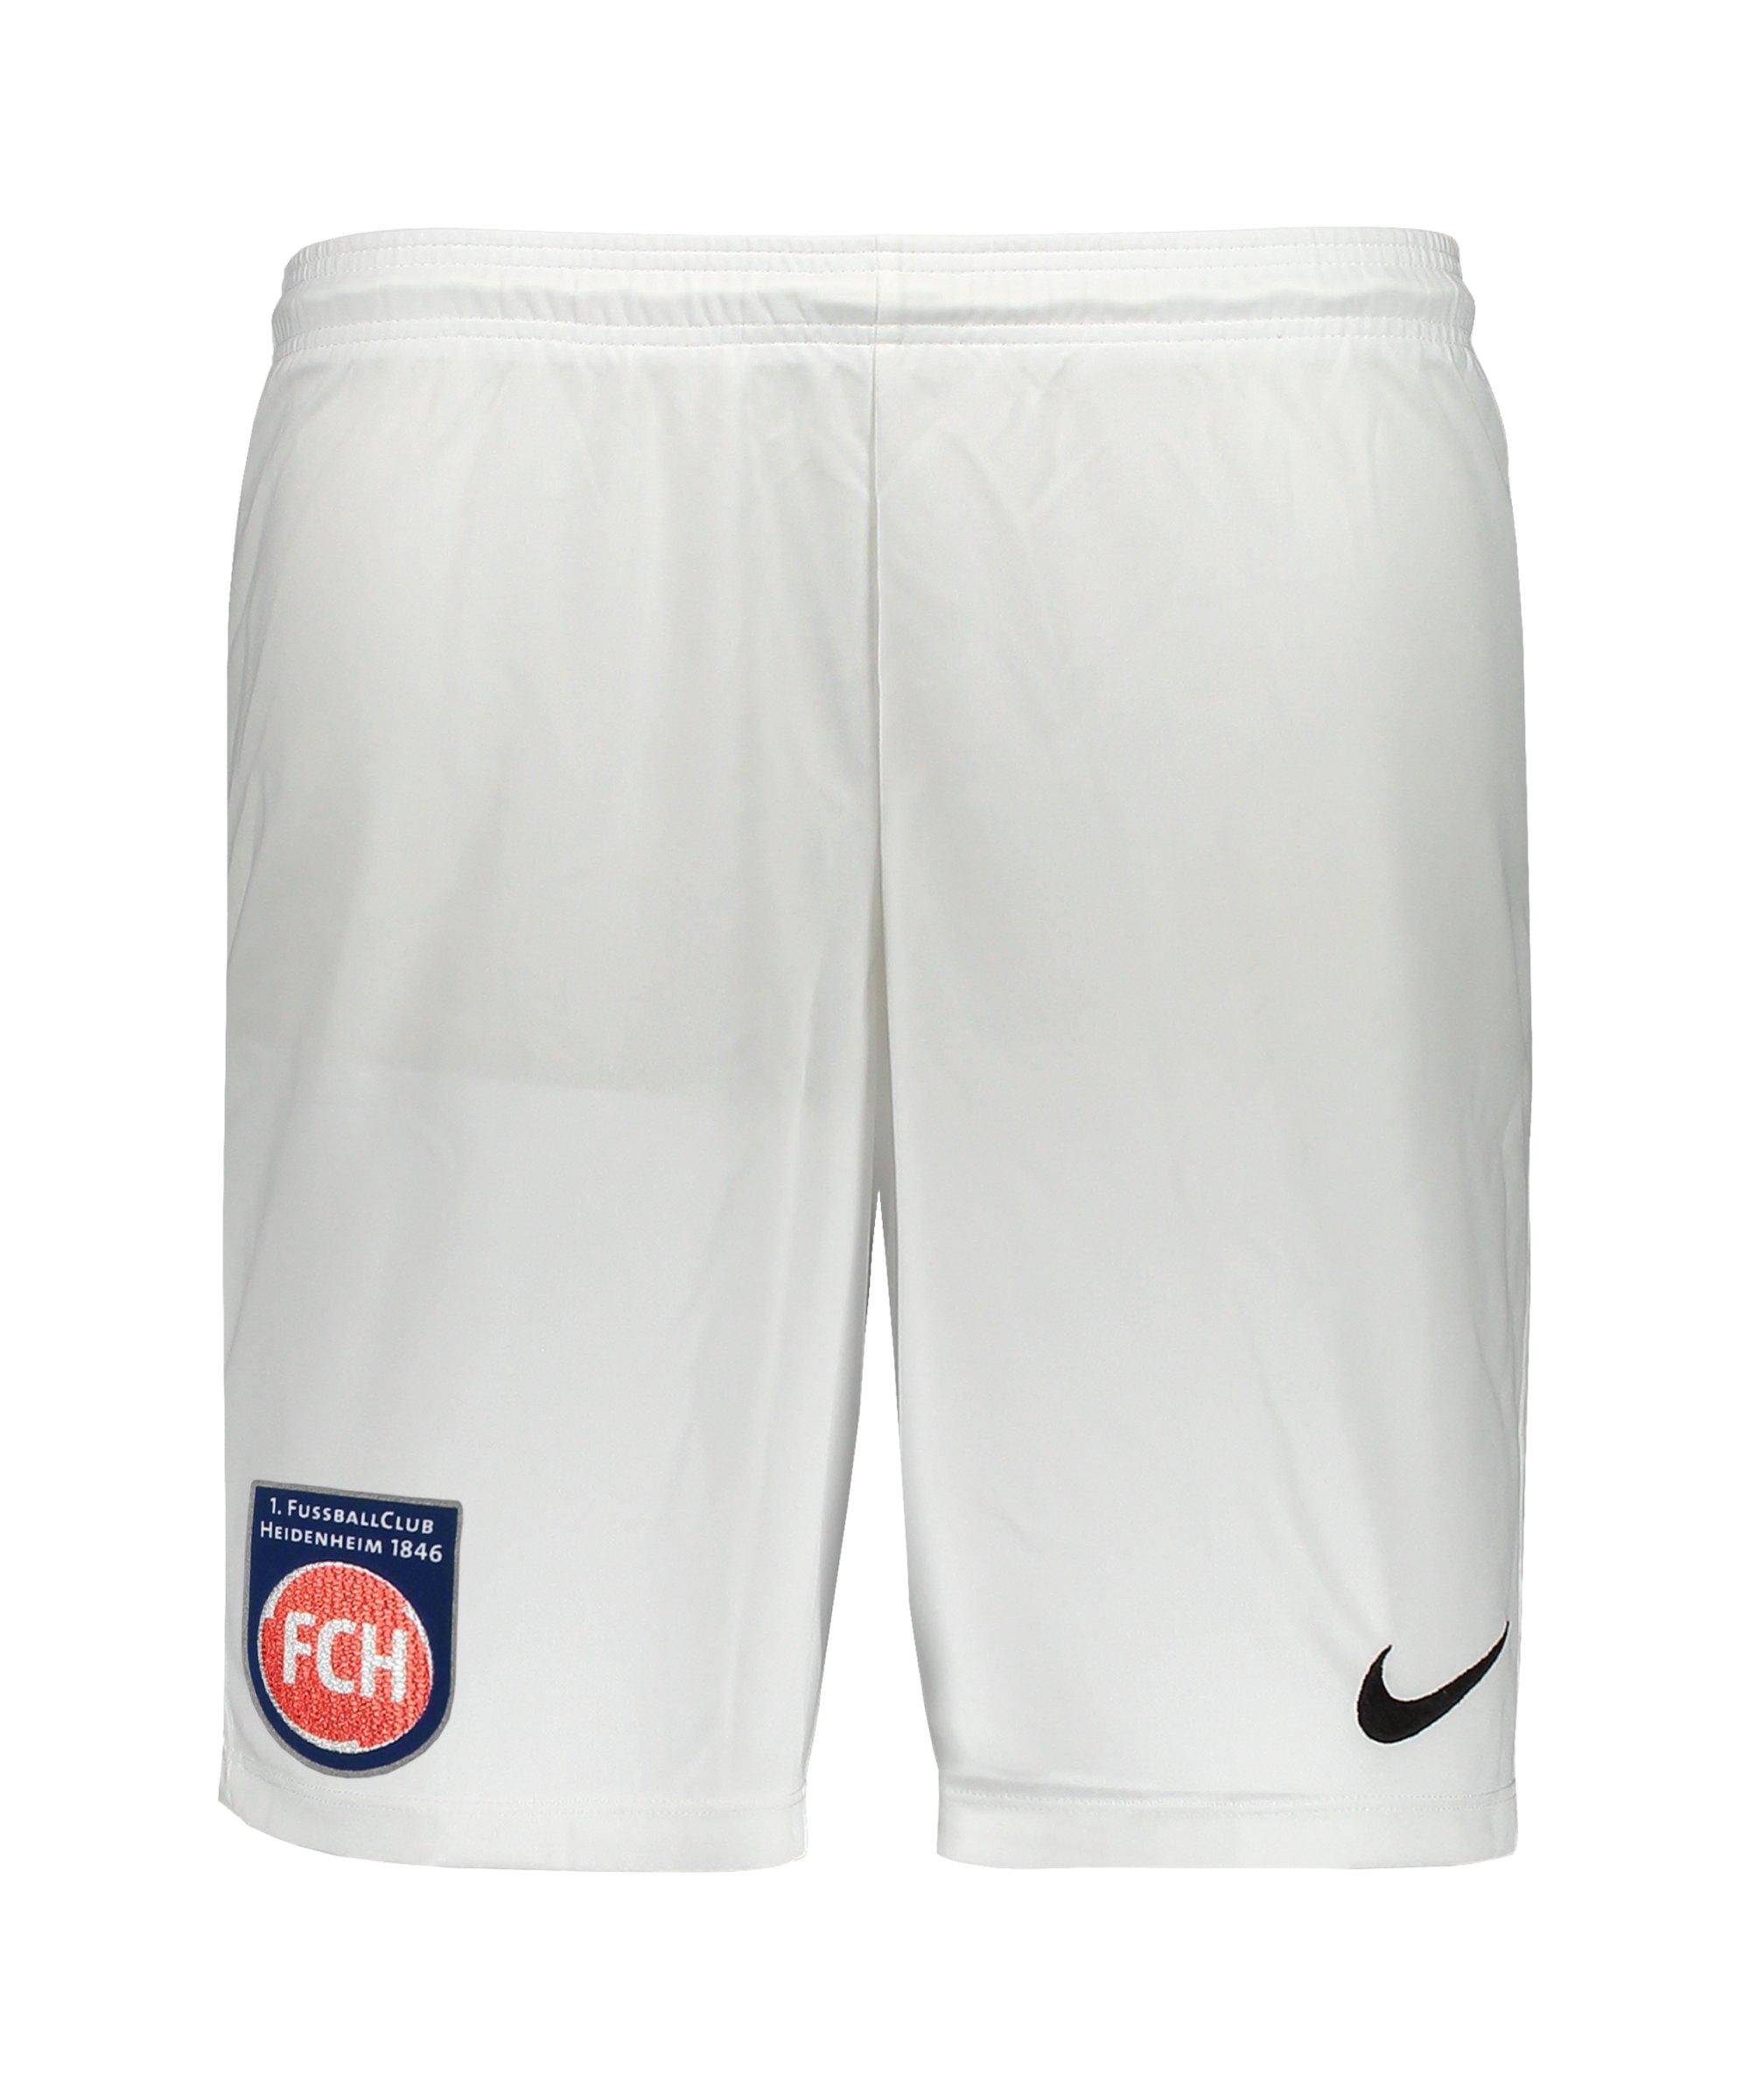 Nike 1. FC Heidenheim Short 3rd 21/22 Weiss F100 - weiss